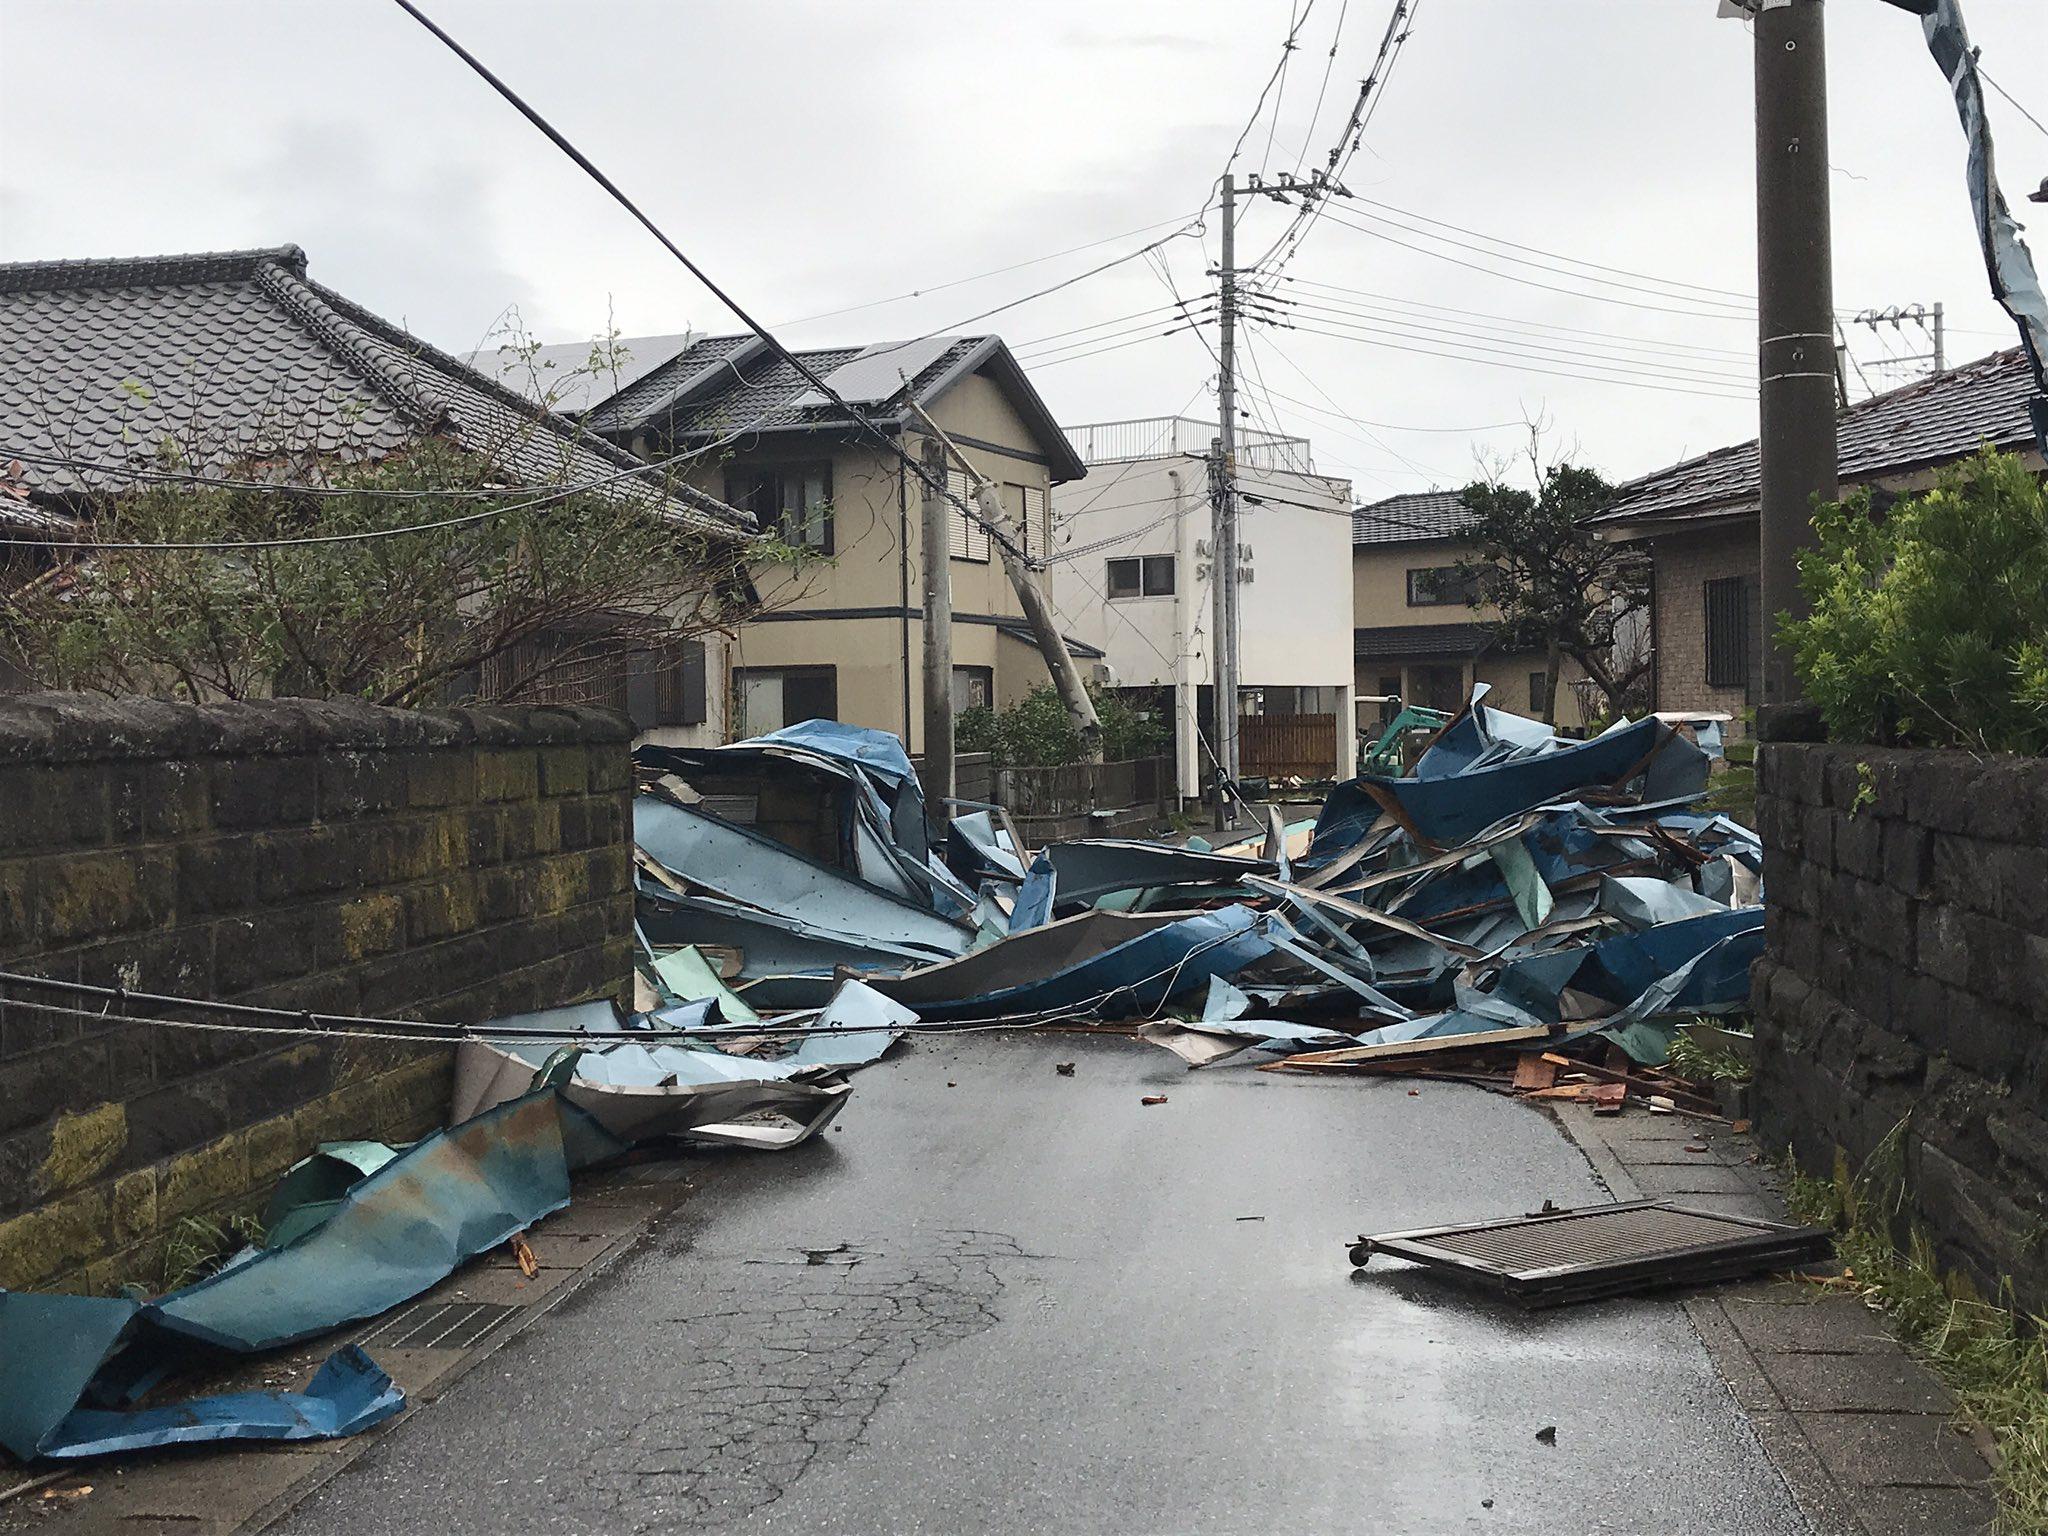 画像,千葉県浜金谷にて。家が倒壊したのか、電柱が折れていて、道が塞がれてます。道理で停電しているわけですね。#台風 https://t.co/fv0Zu0t5hn…